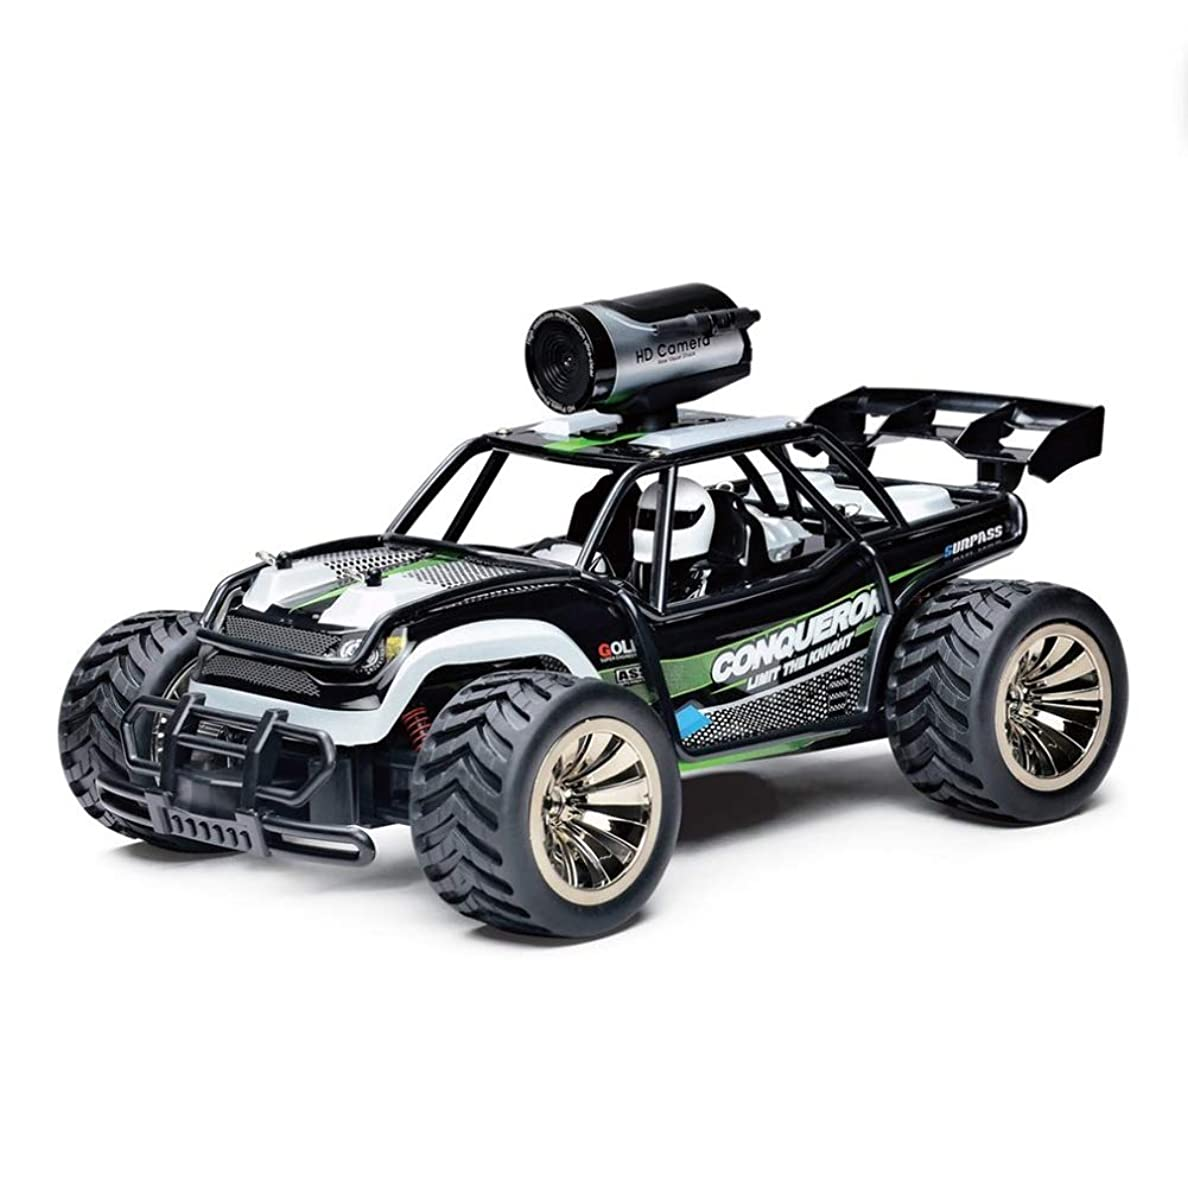 ブロー親指どちらか高速遙控遙控車模擬遙控車全地形1:16比例2.4G WIFI FPV賽車與相機越野車卸載車hz